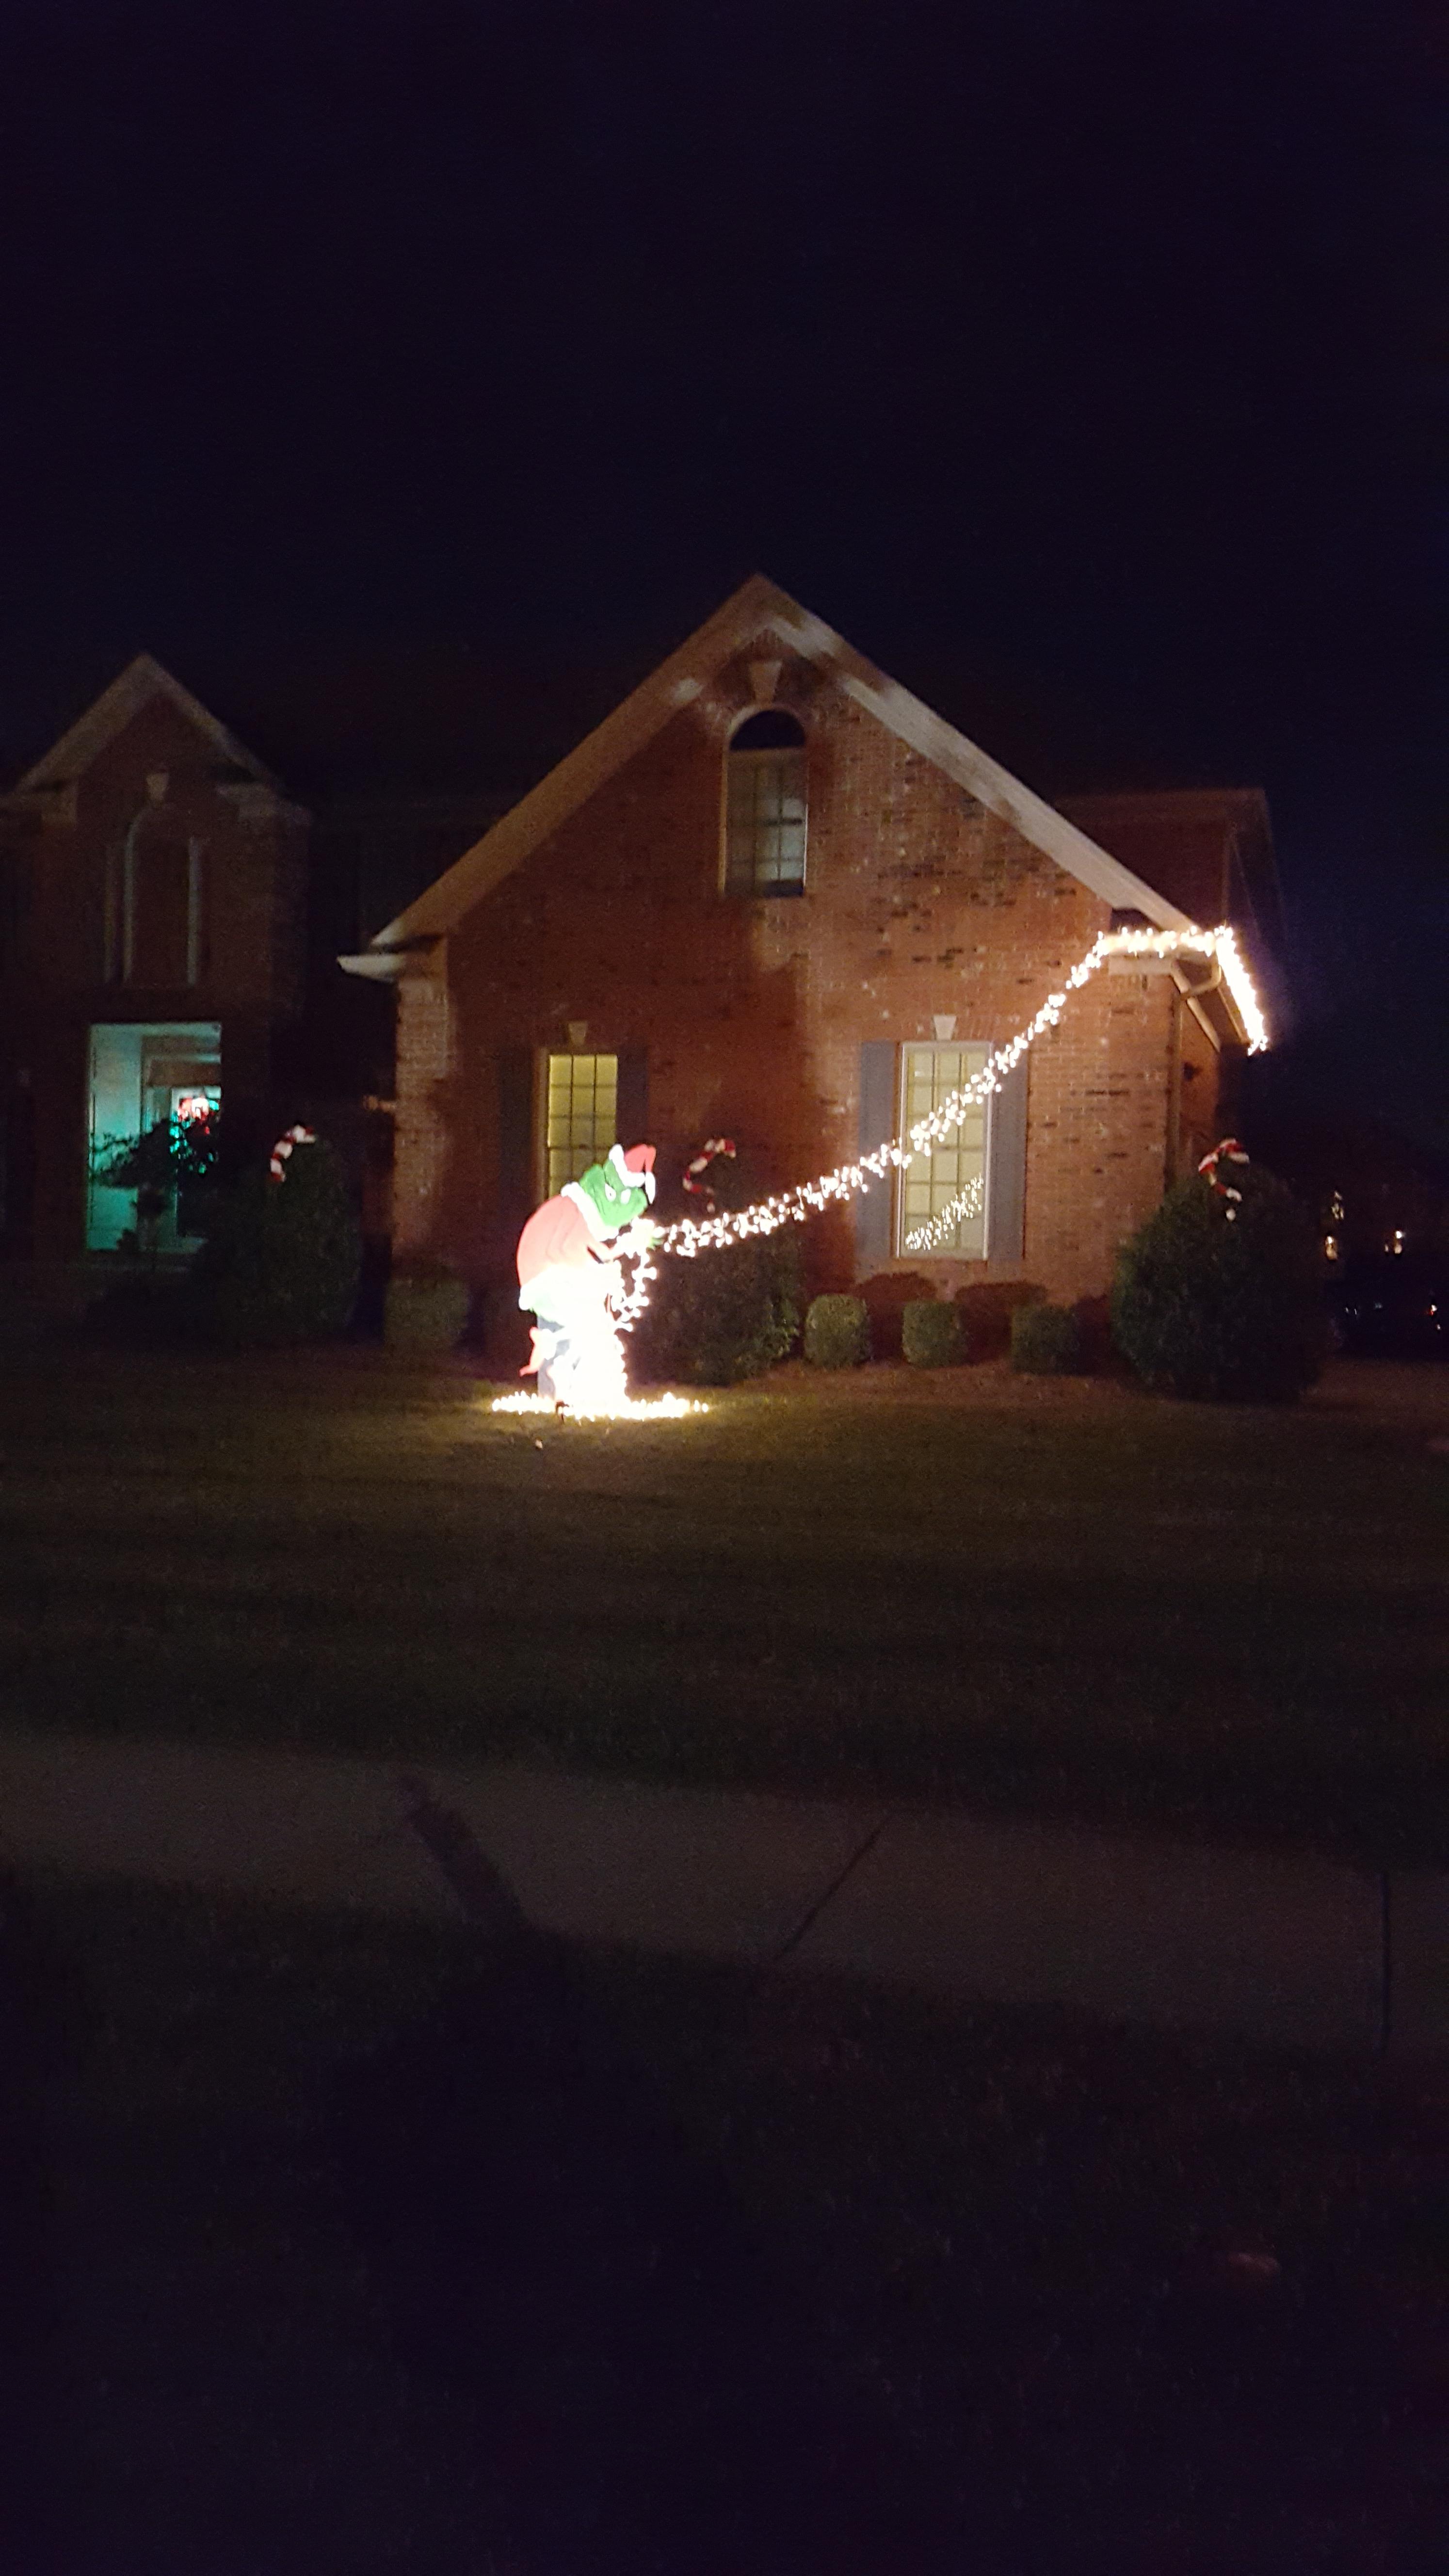 21 decoraciones navideñas ideales para todos los Grinch